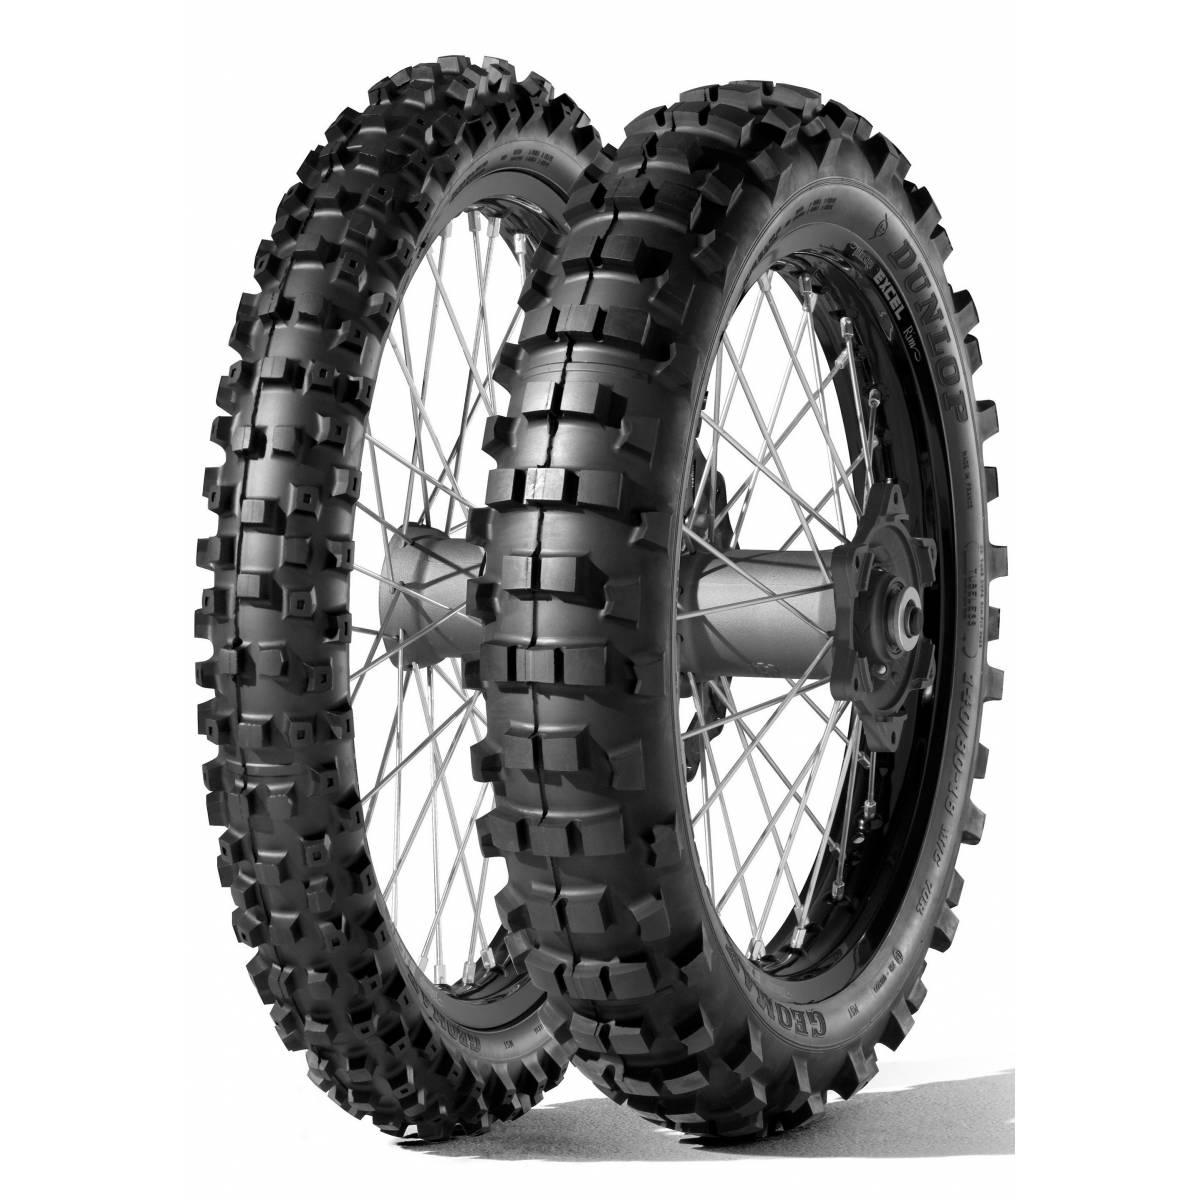 D1109019-D952 - Neumático Dunlop 110 90-19 D952